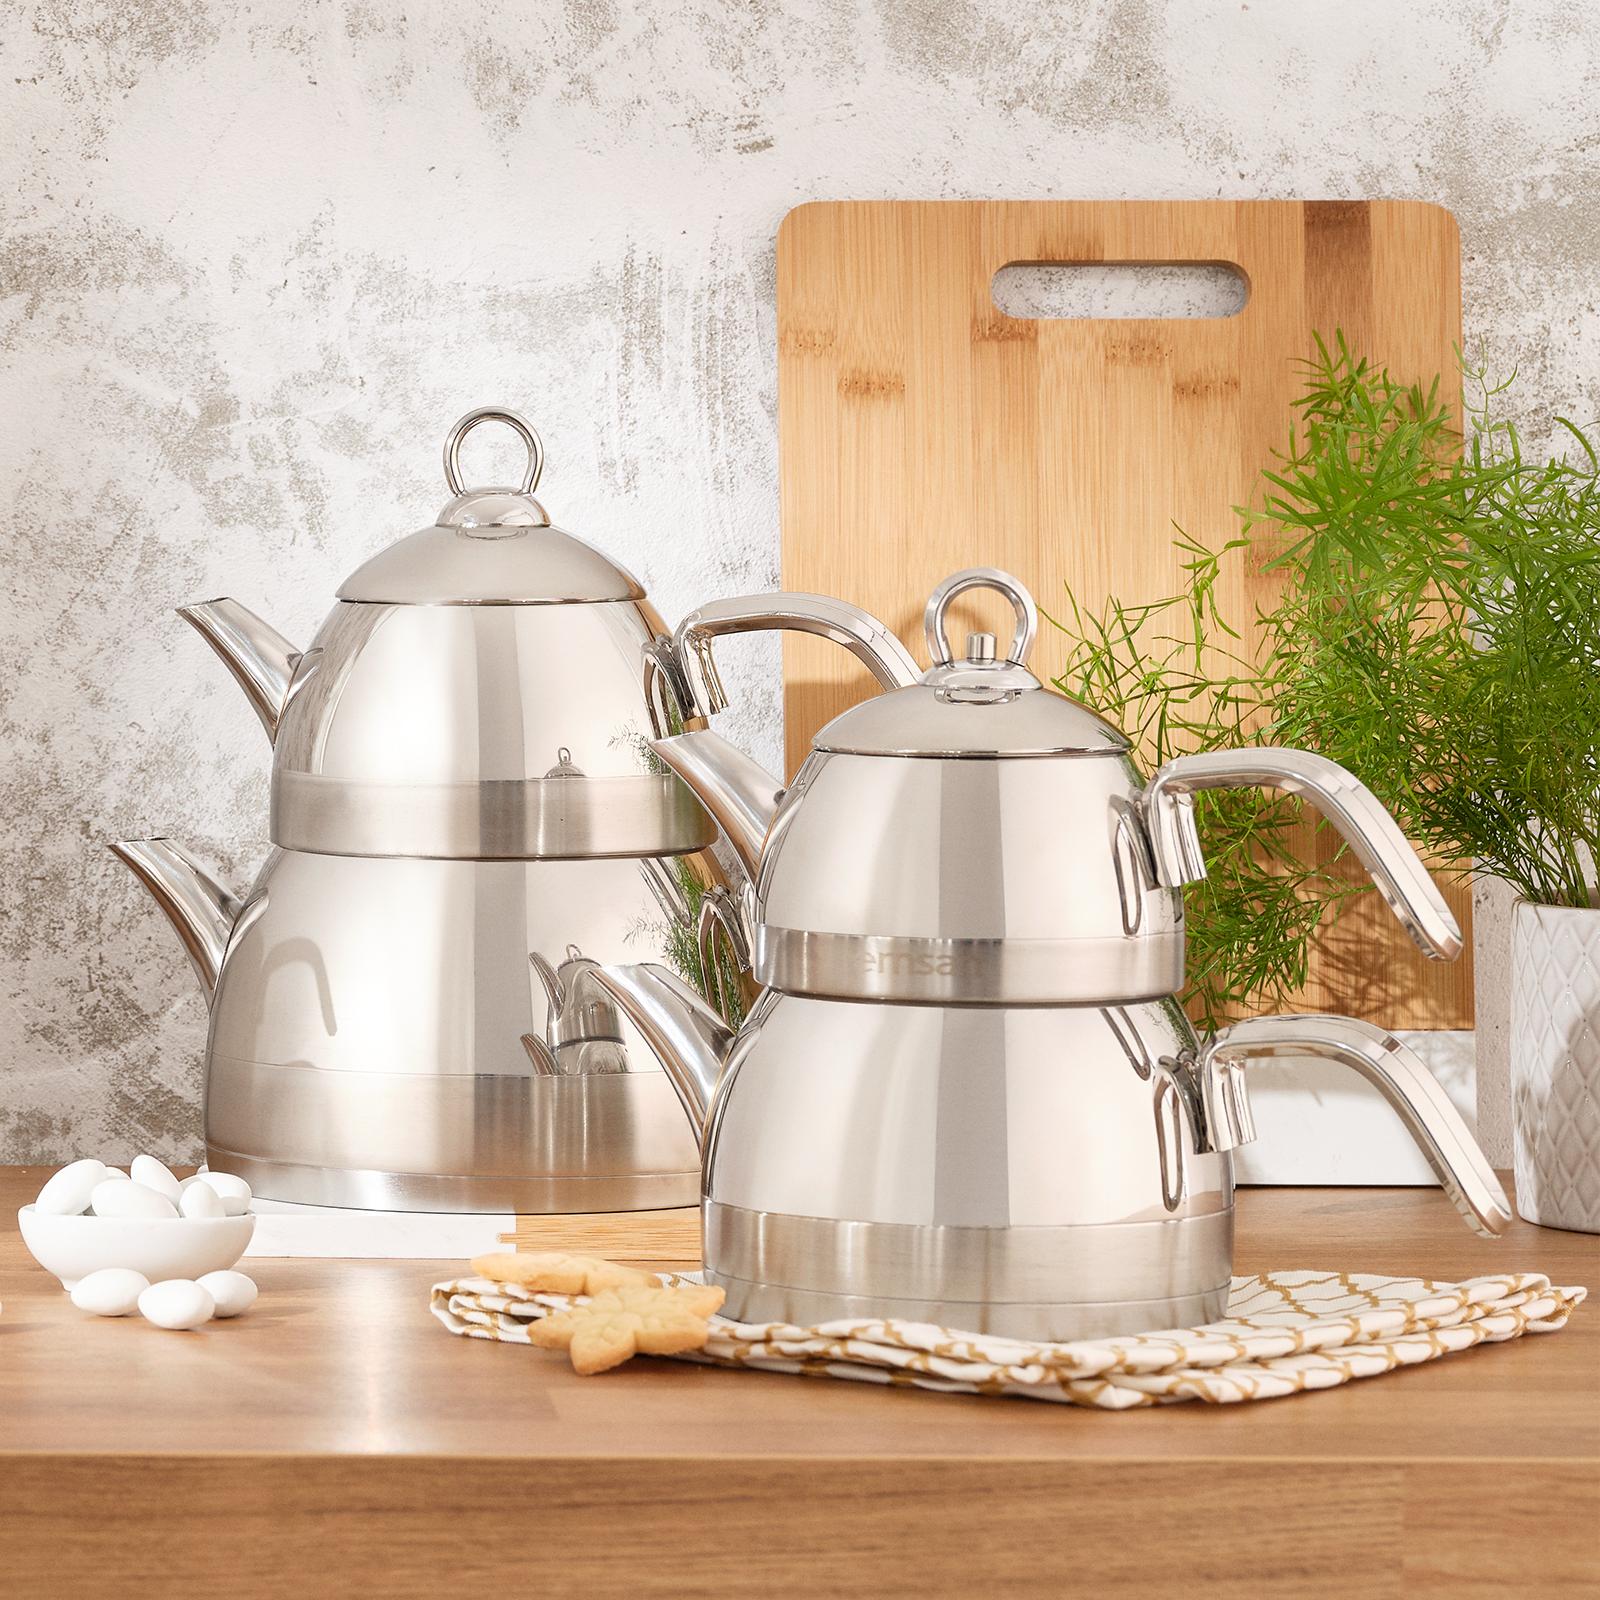 Emsan Aragon İndüksiyon Tabanlı Paslanmaz Çelik Çaydanlık